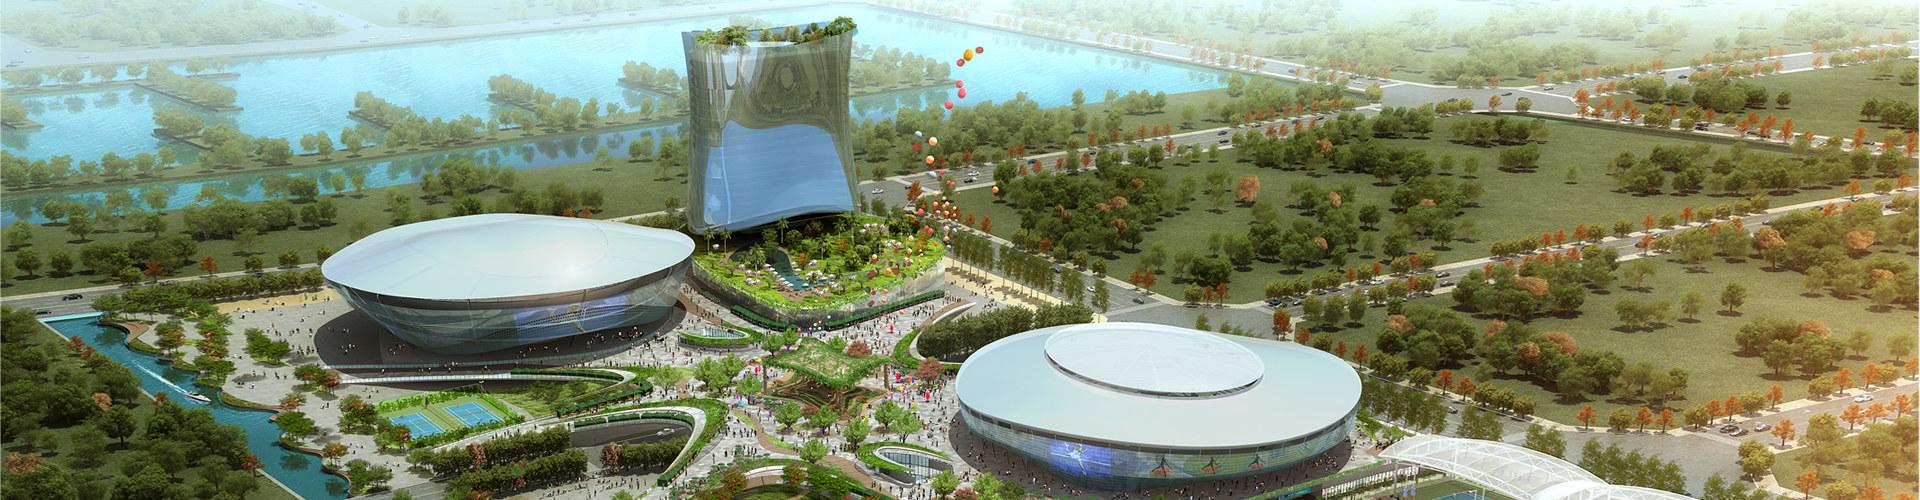 横琴国际网球中心景观效果图